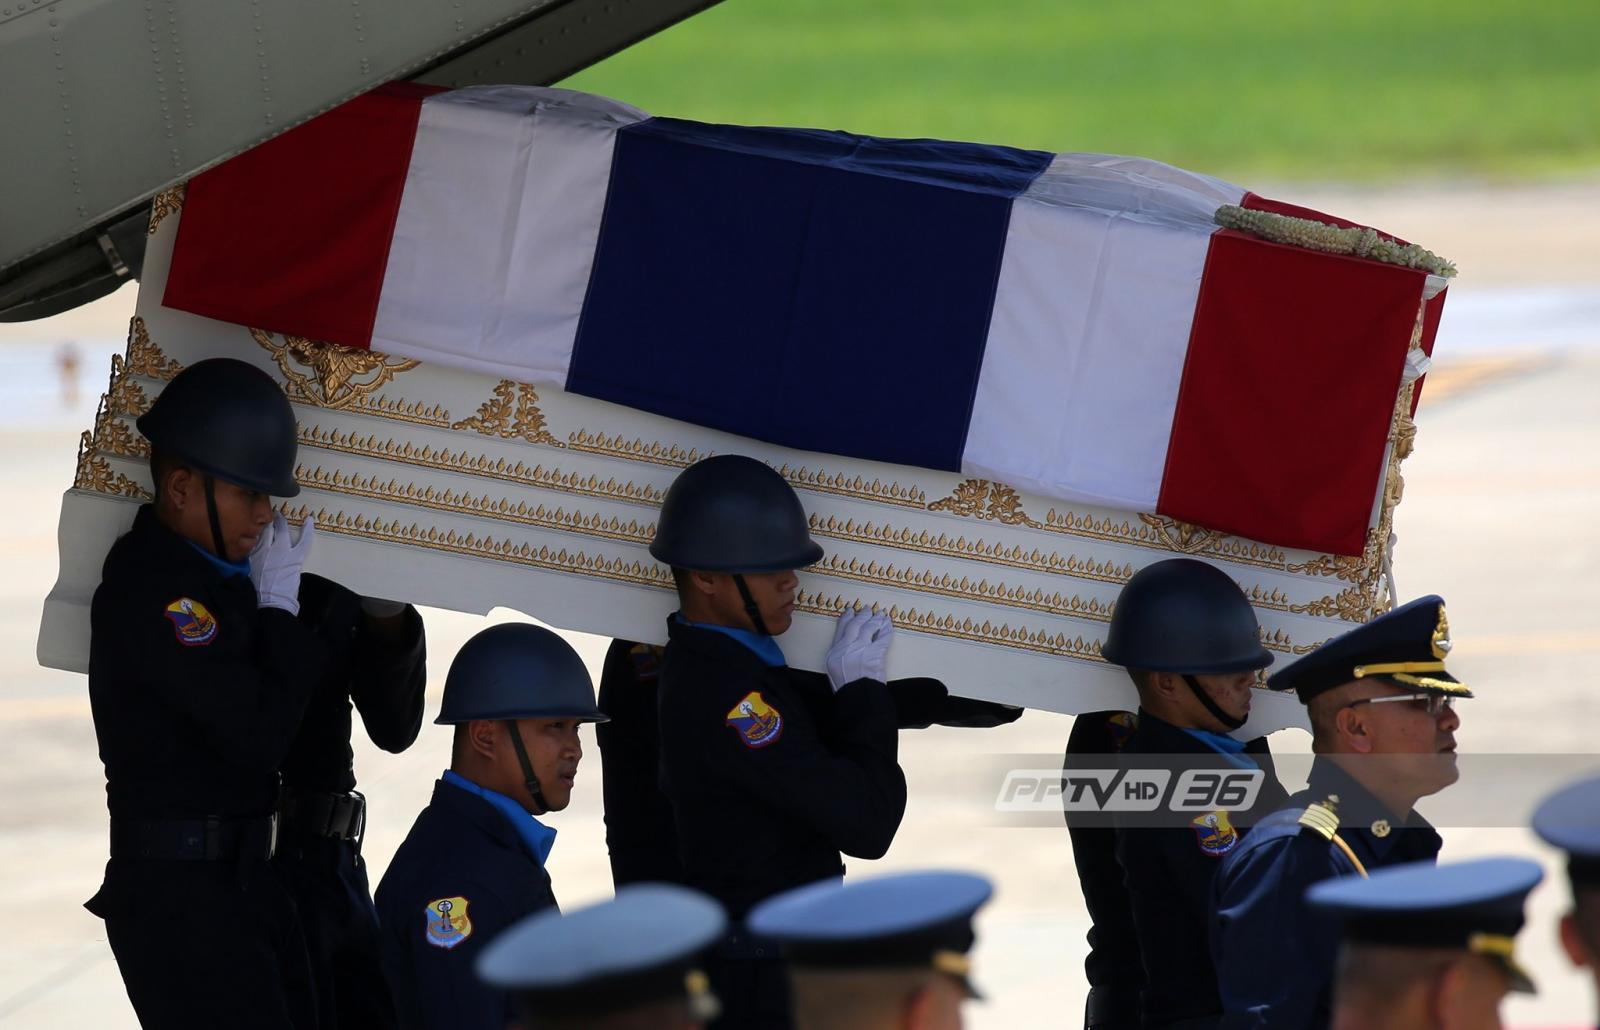 ปูนบำเหน็จ 8 ขั้น นักบินที่ 1 เสียชีวิตระหว่างเครื่องบินตก